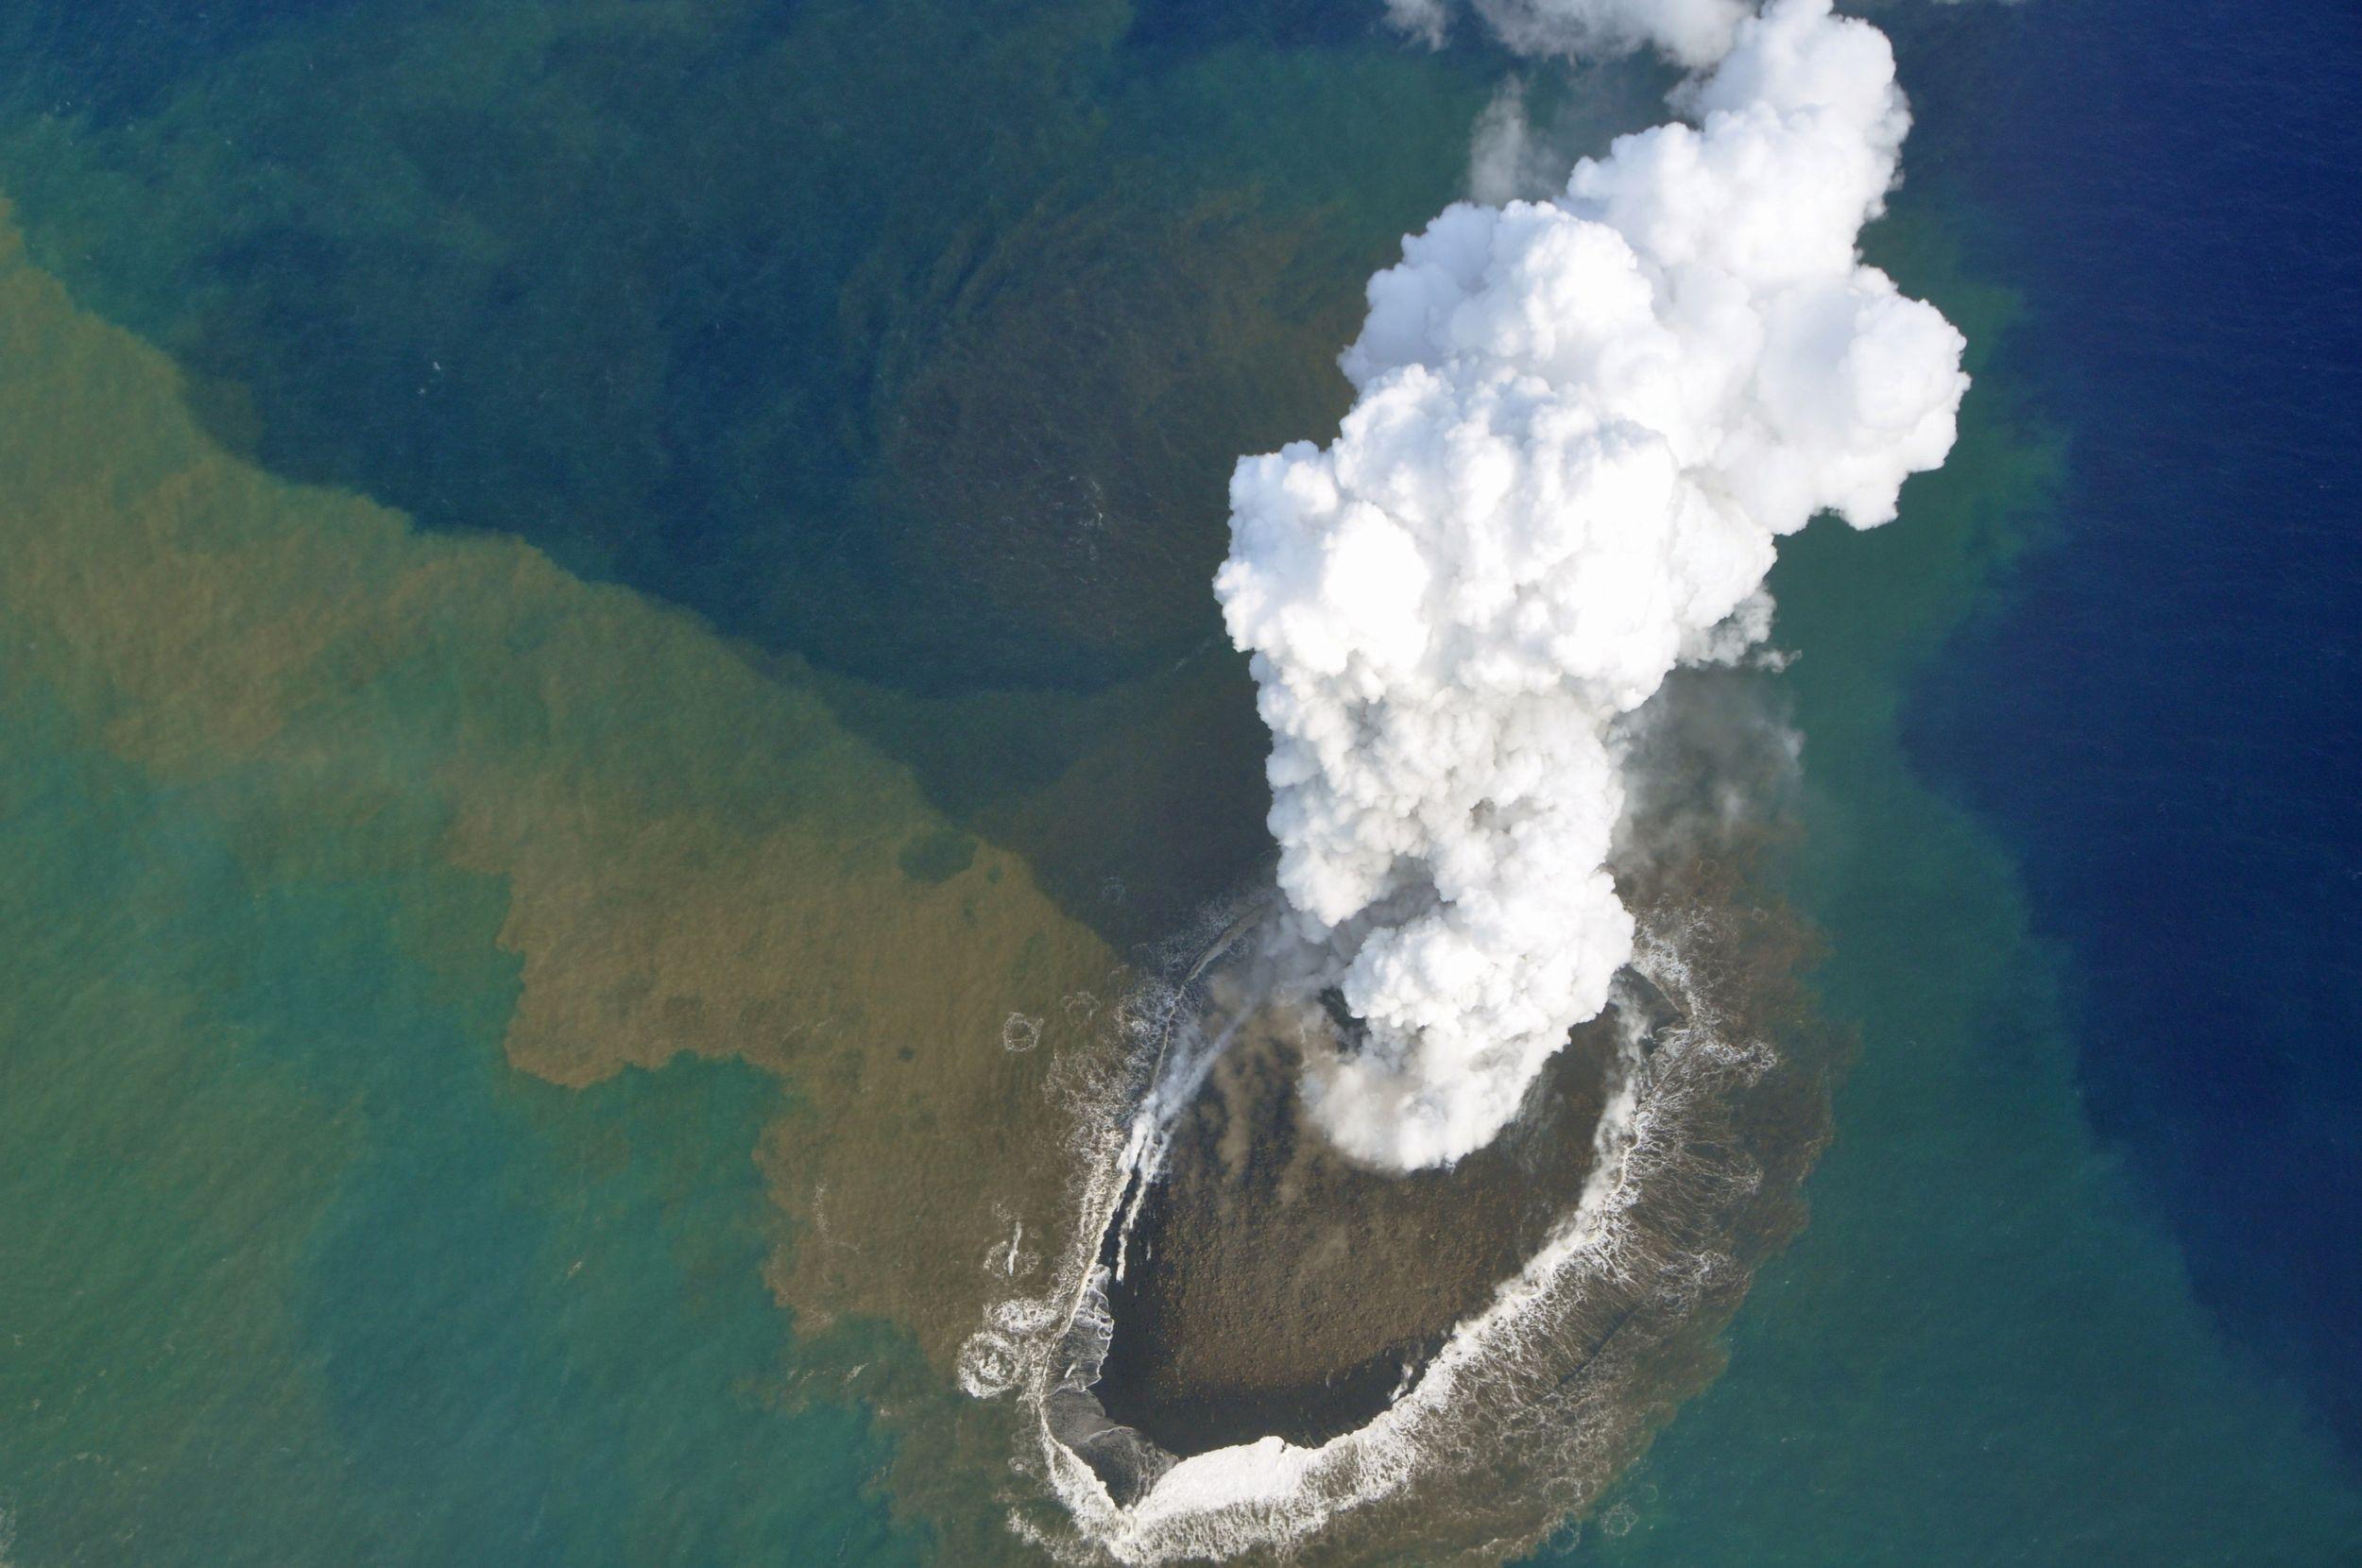 小笠原諸島の「新島」、消えません…浸食に強い溶岩が覆う、3.7倍に拡大